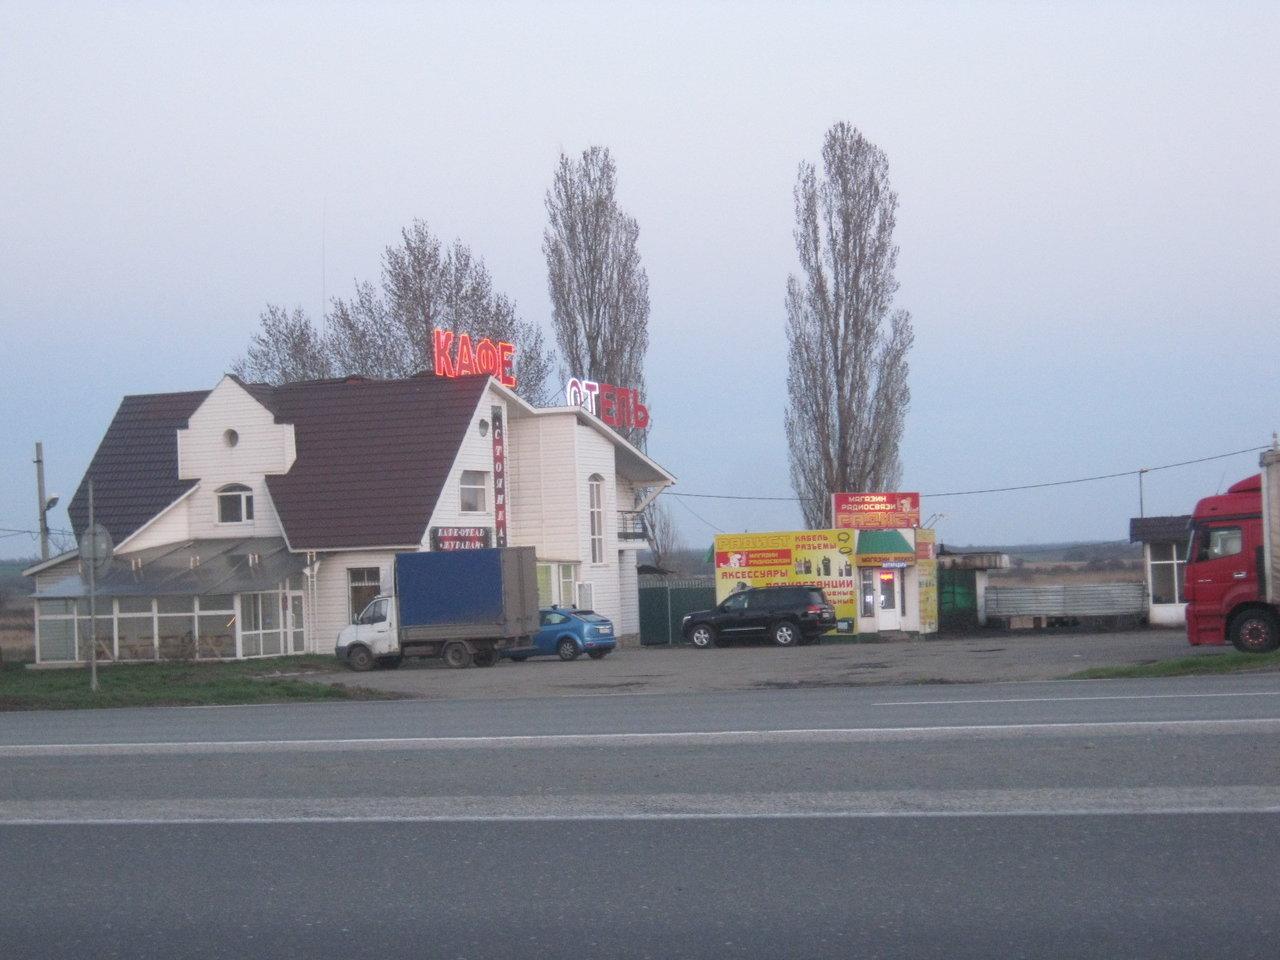 Геремеев был мотель роснефть м4 дон поляна возможно, лучше